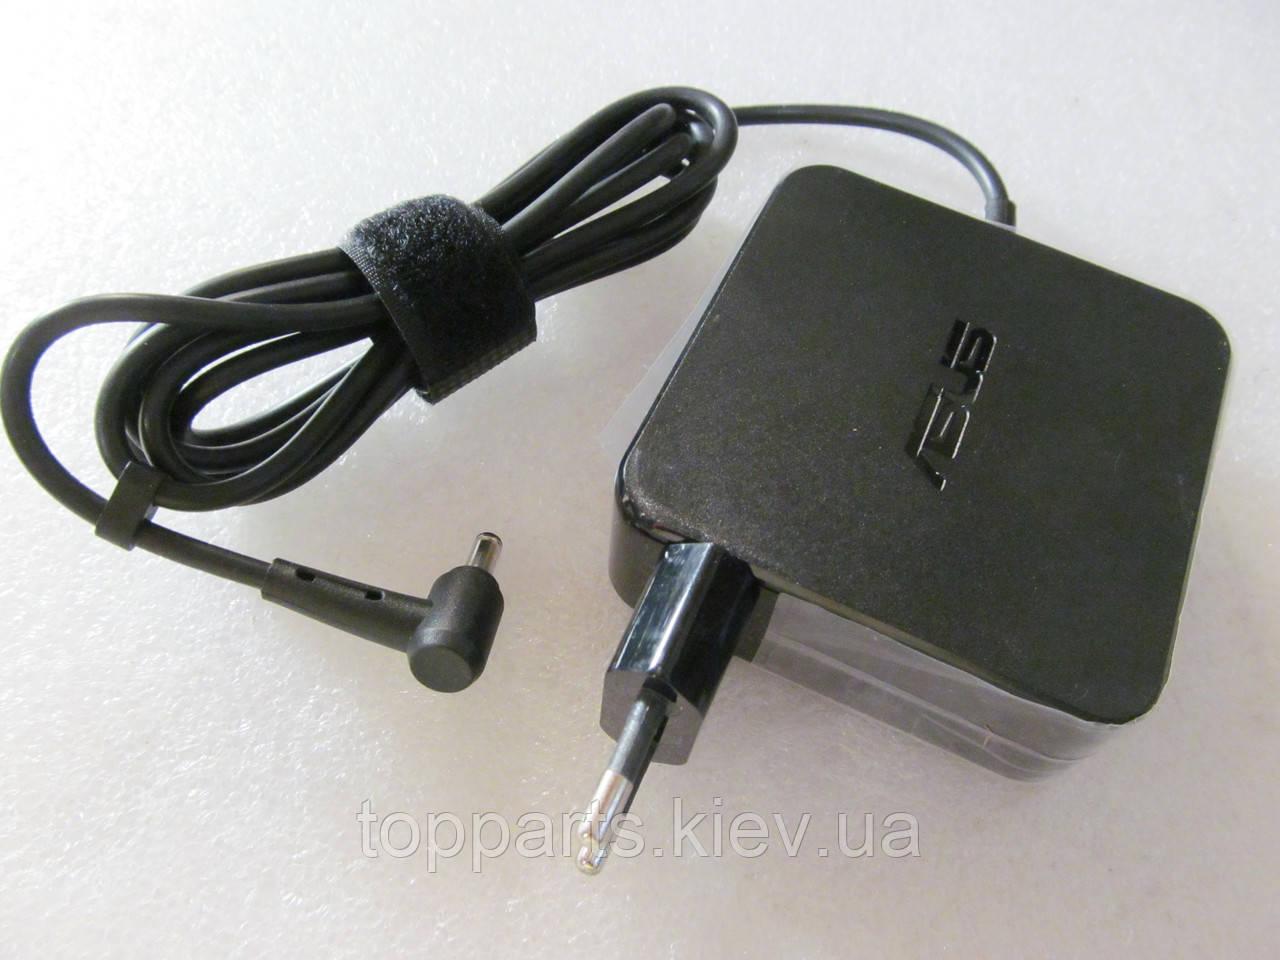 Блок питания Asus 65W 19V, 3.42A, разъем 4.5/3.0 (pin inside) квадратн